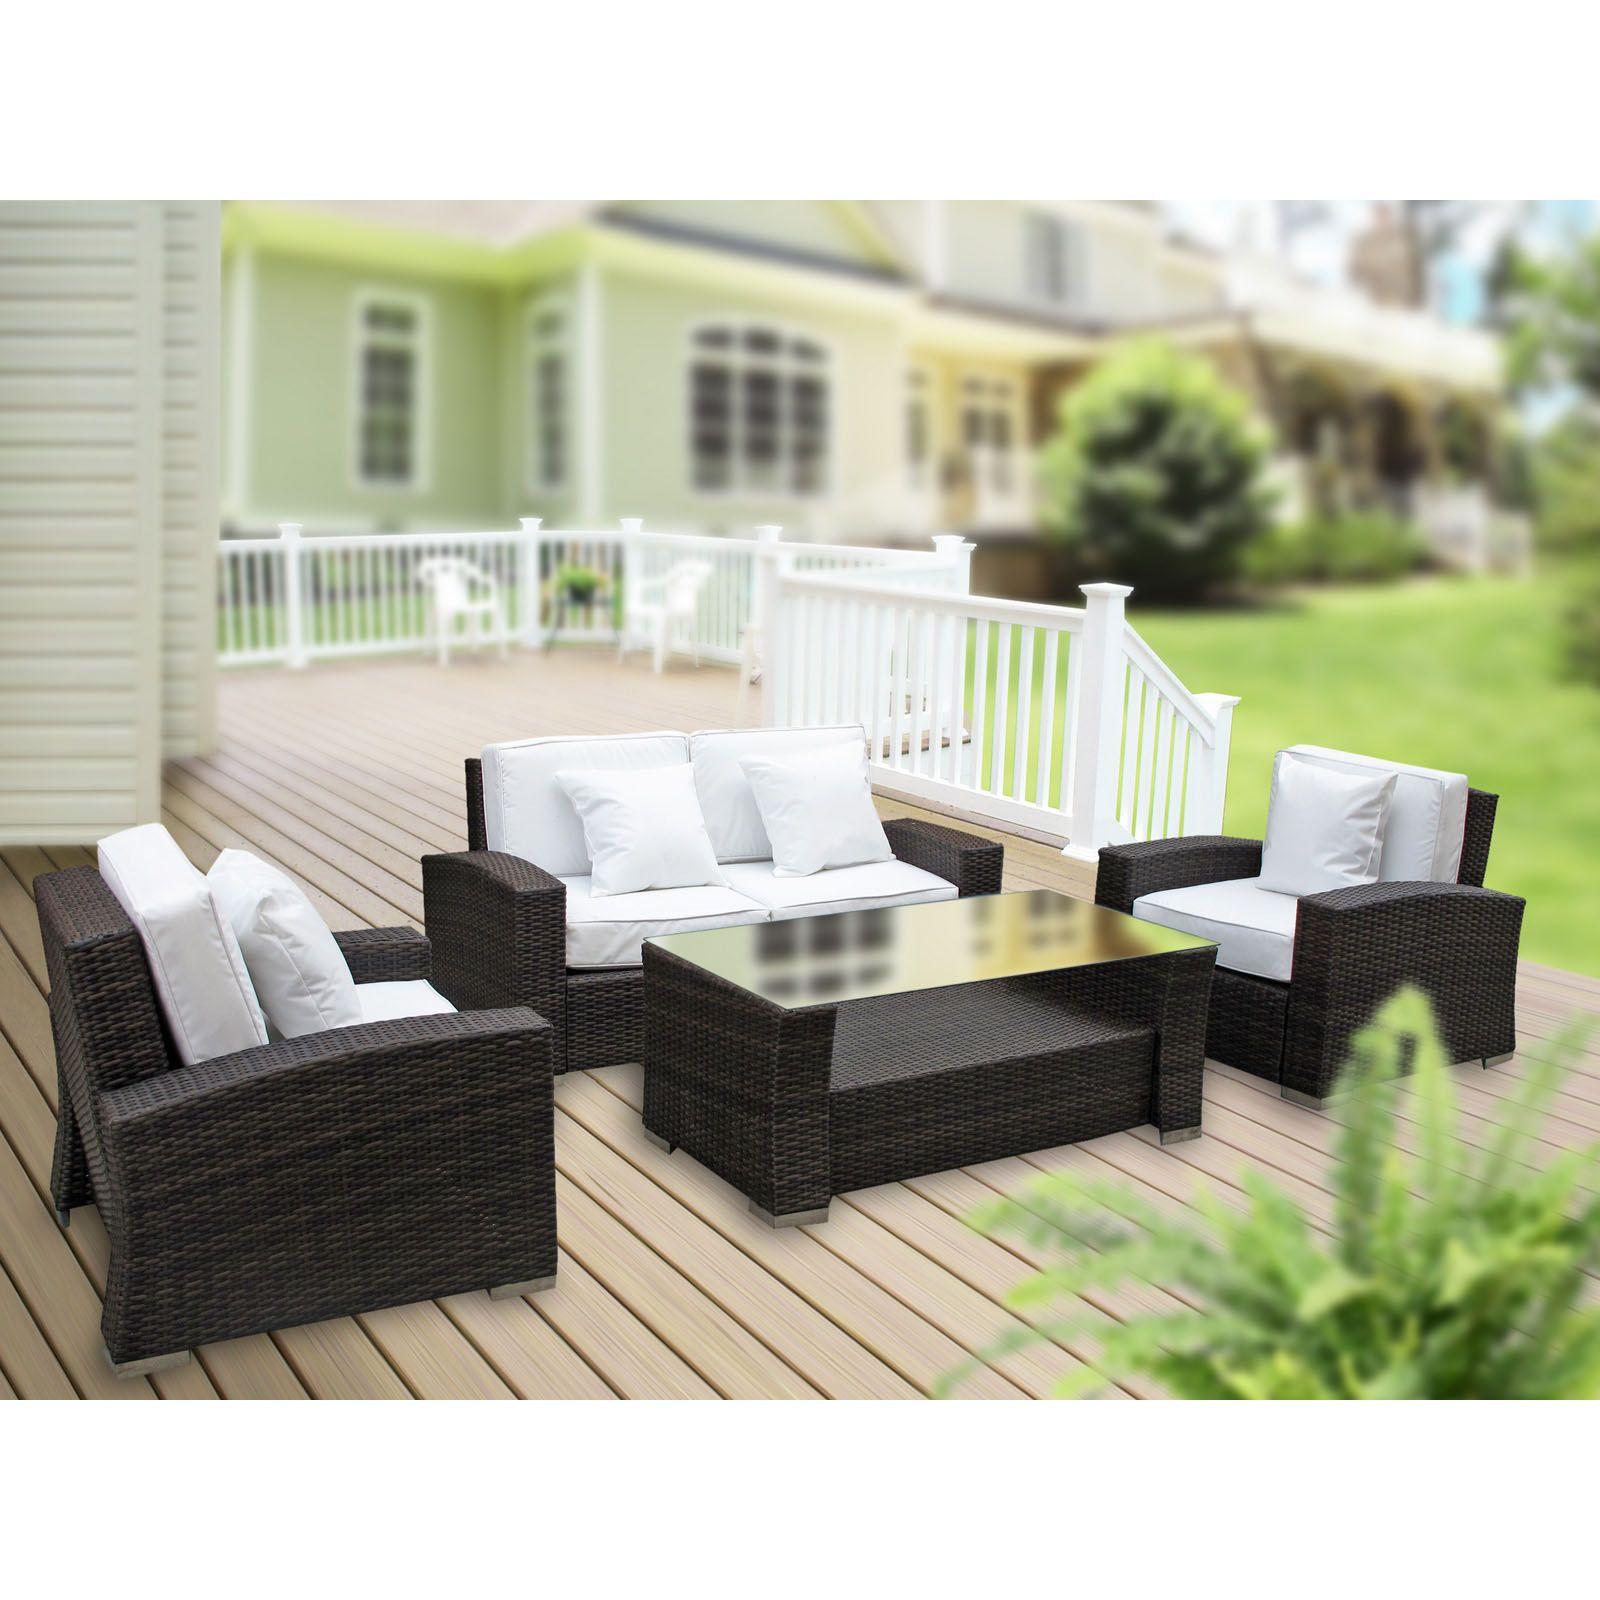 Miami Outdoor Furniture : Pin by Miami Direct Furniture on Miami Direct Furniture Outdoor Furni ...